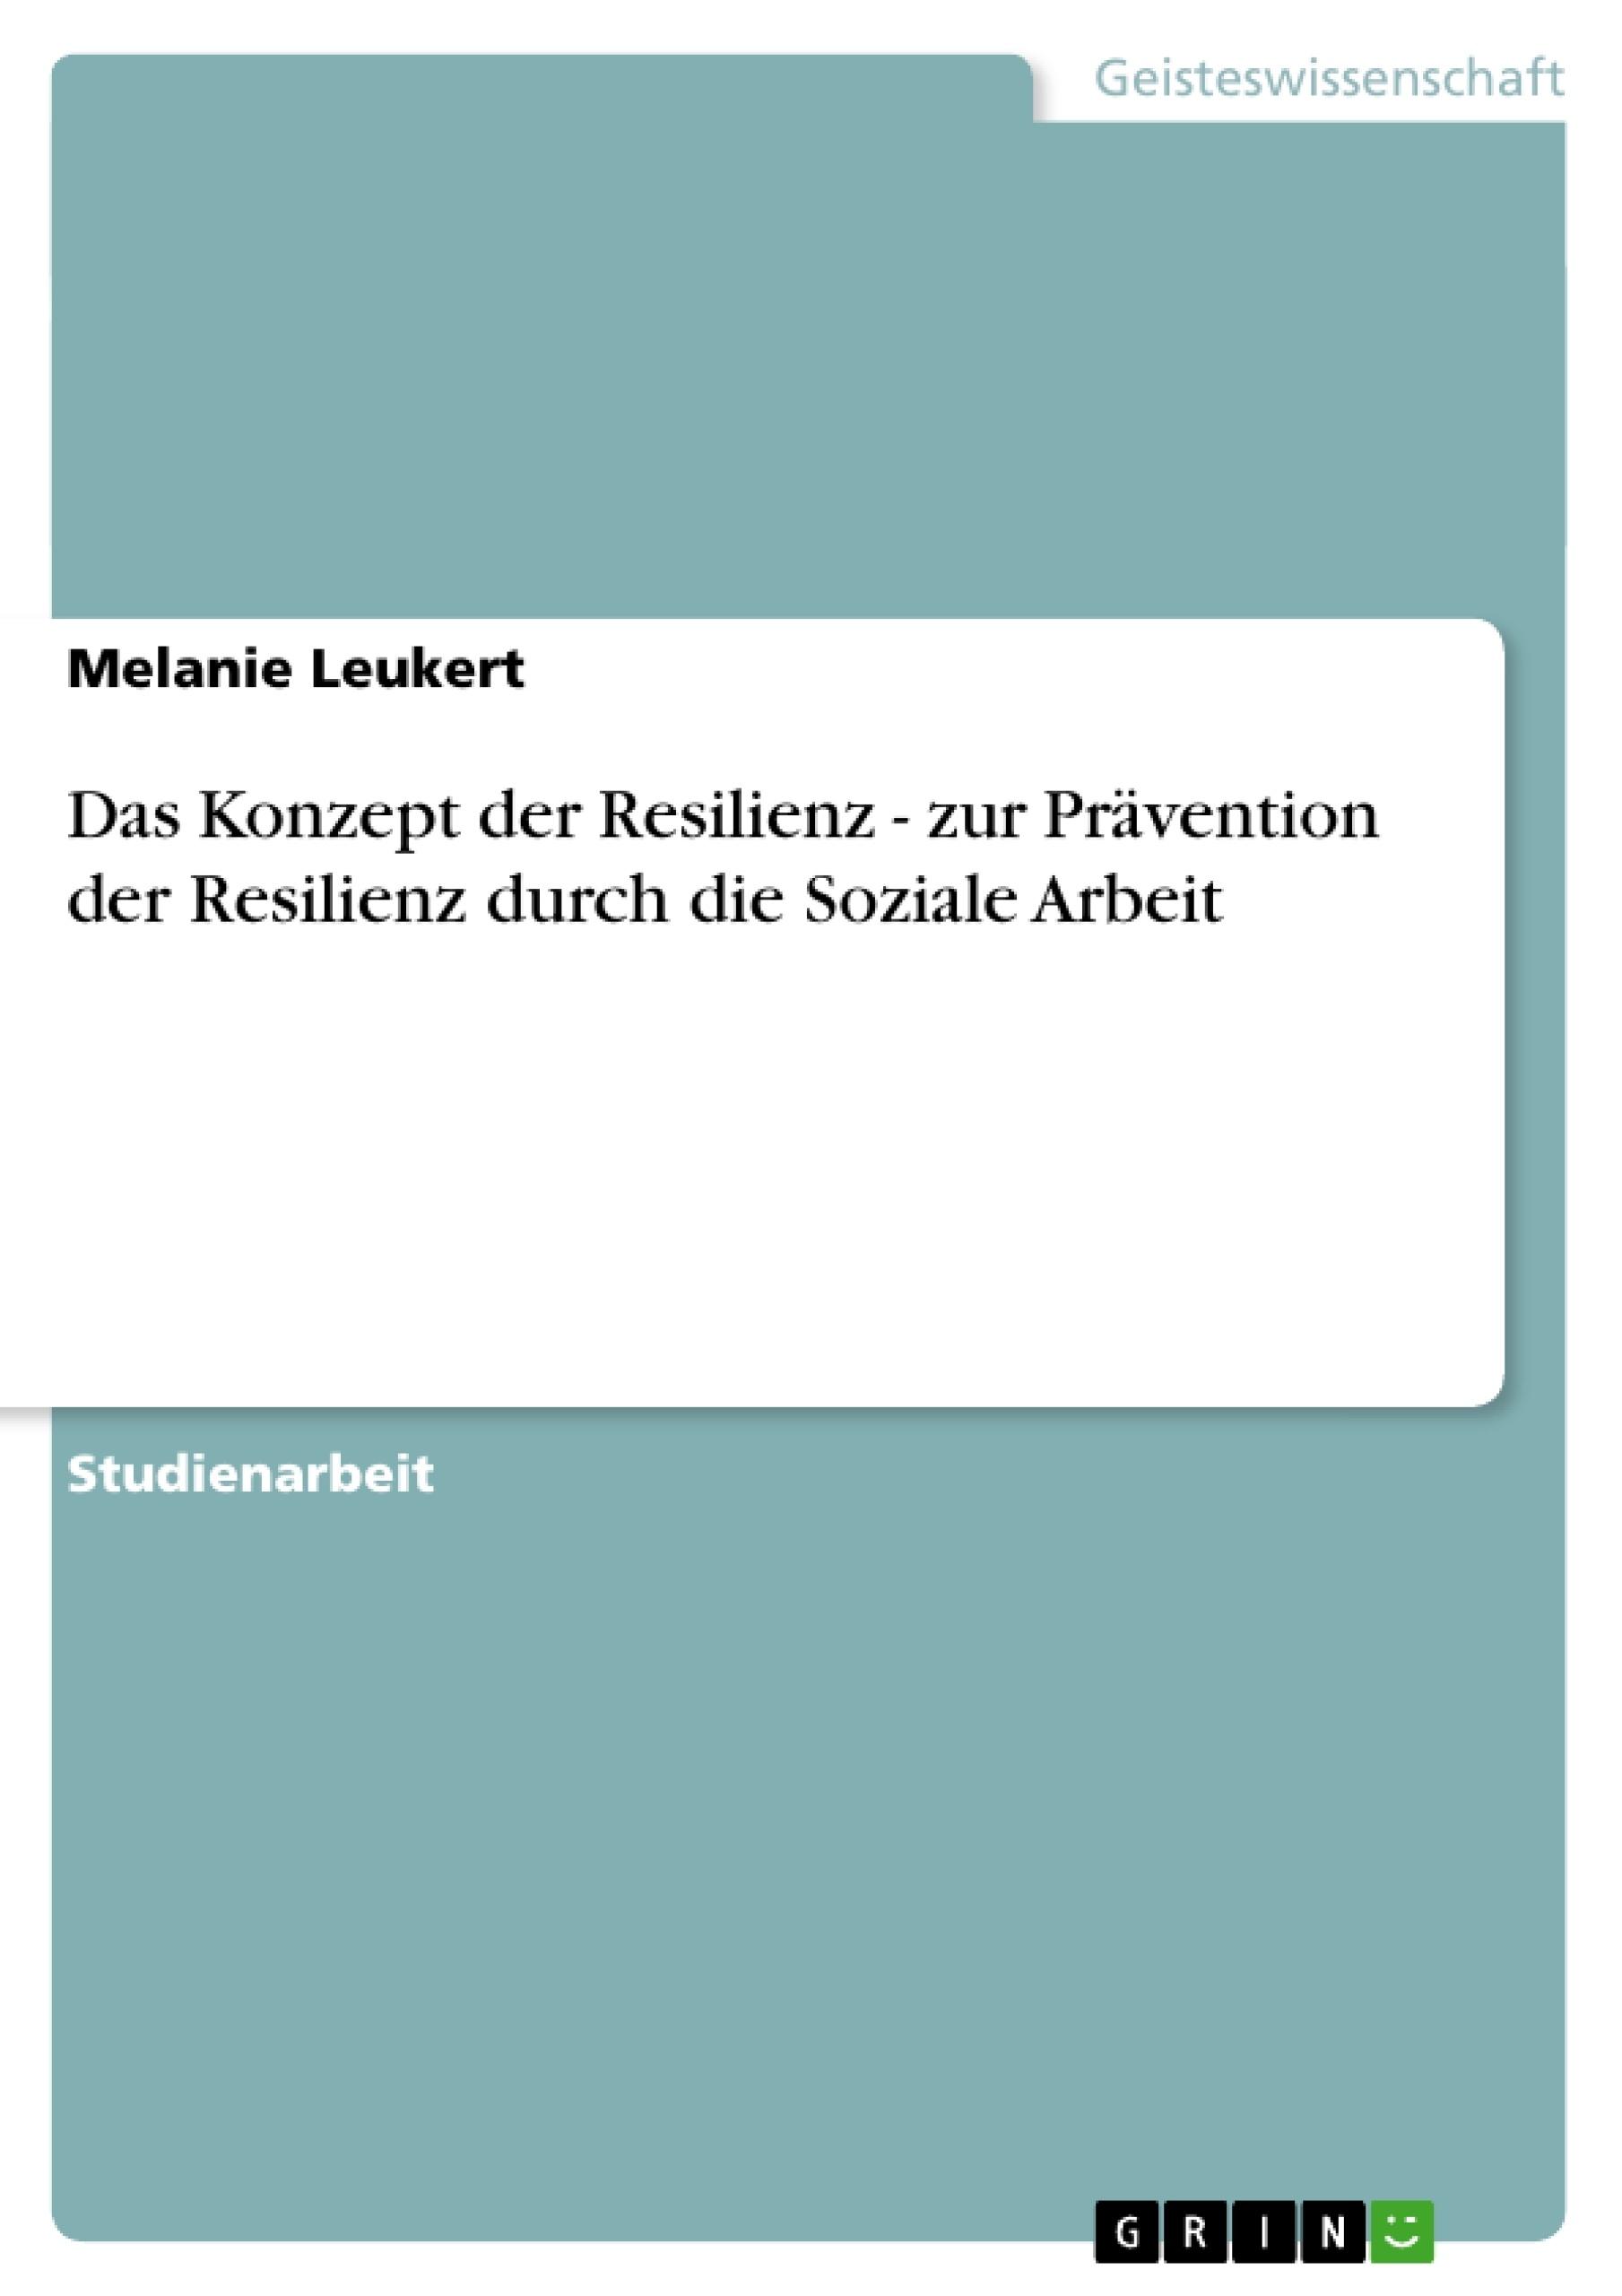 Titel: Das Konzept der Resilienz - zur Prävention der Resilienz durch die Soziale Arbeit